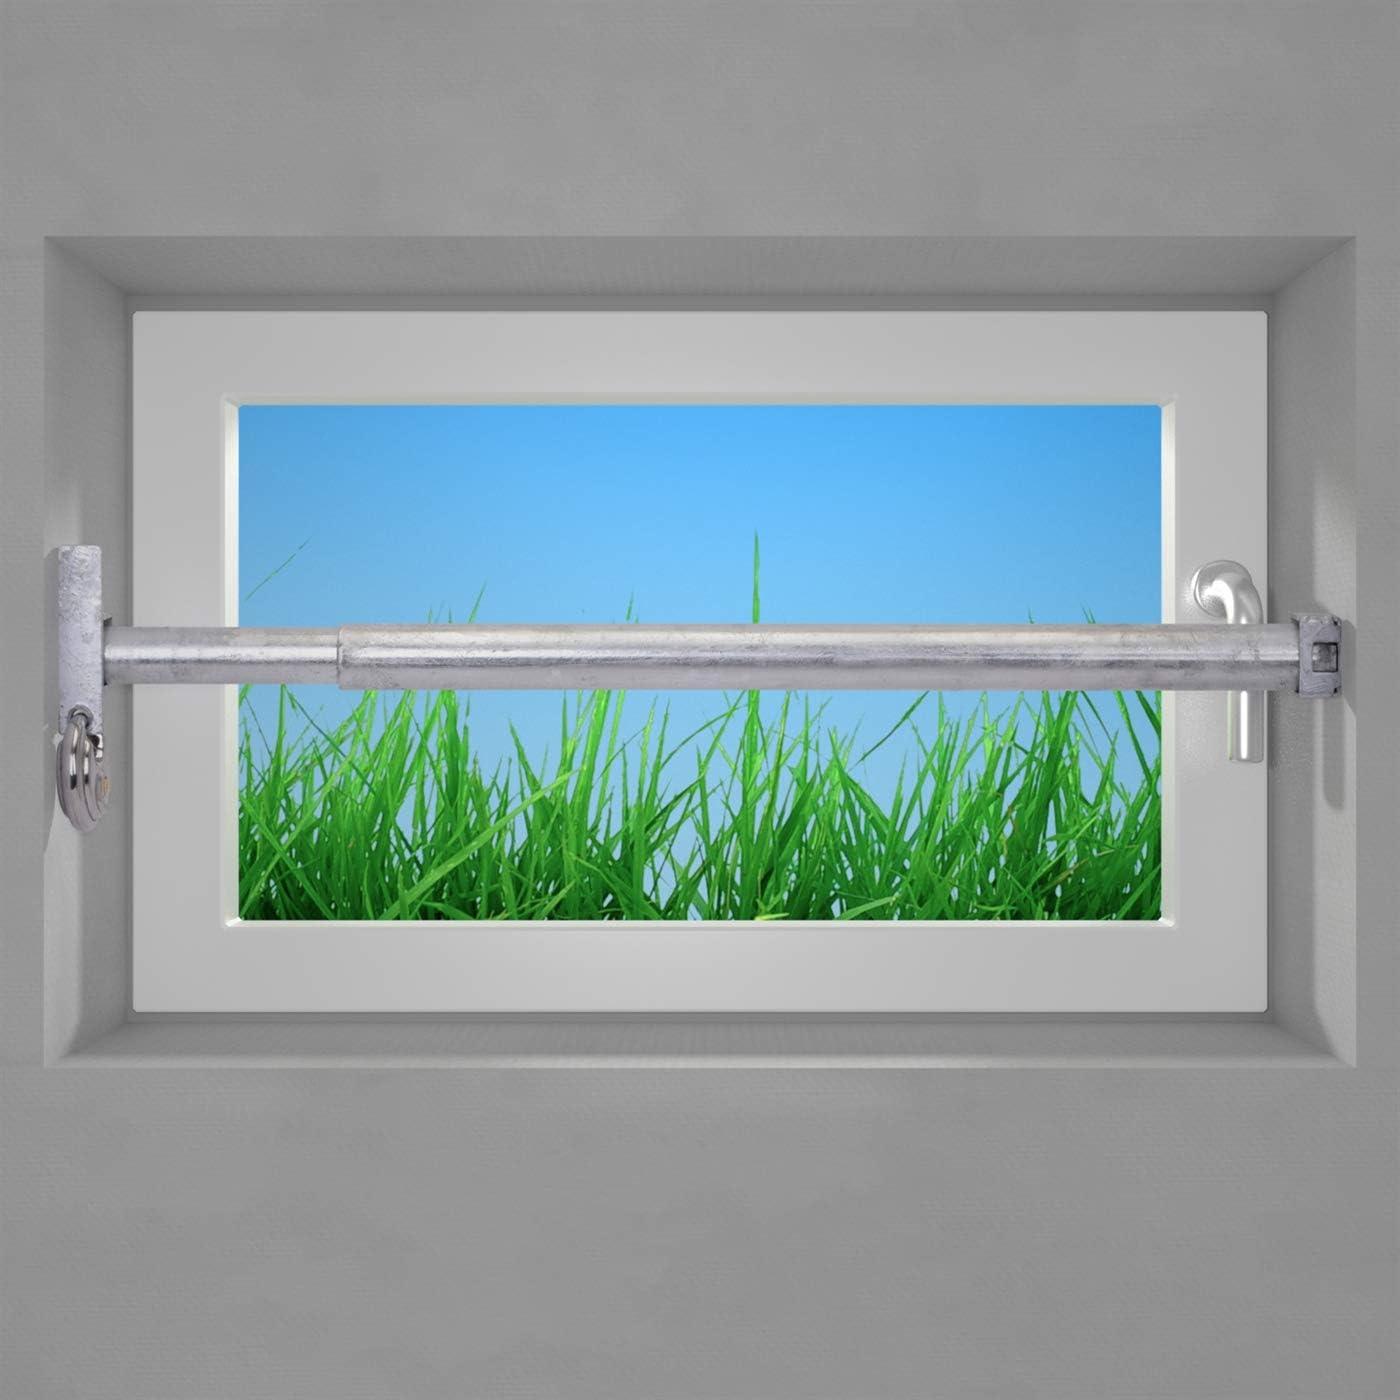 Sicherheitsstange Fenster Sicherung Fenstergitter,Einbruchschutz bis 499mm 0166A